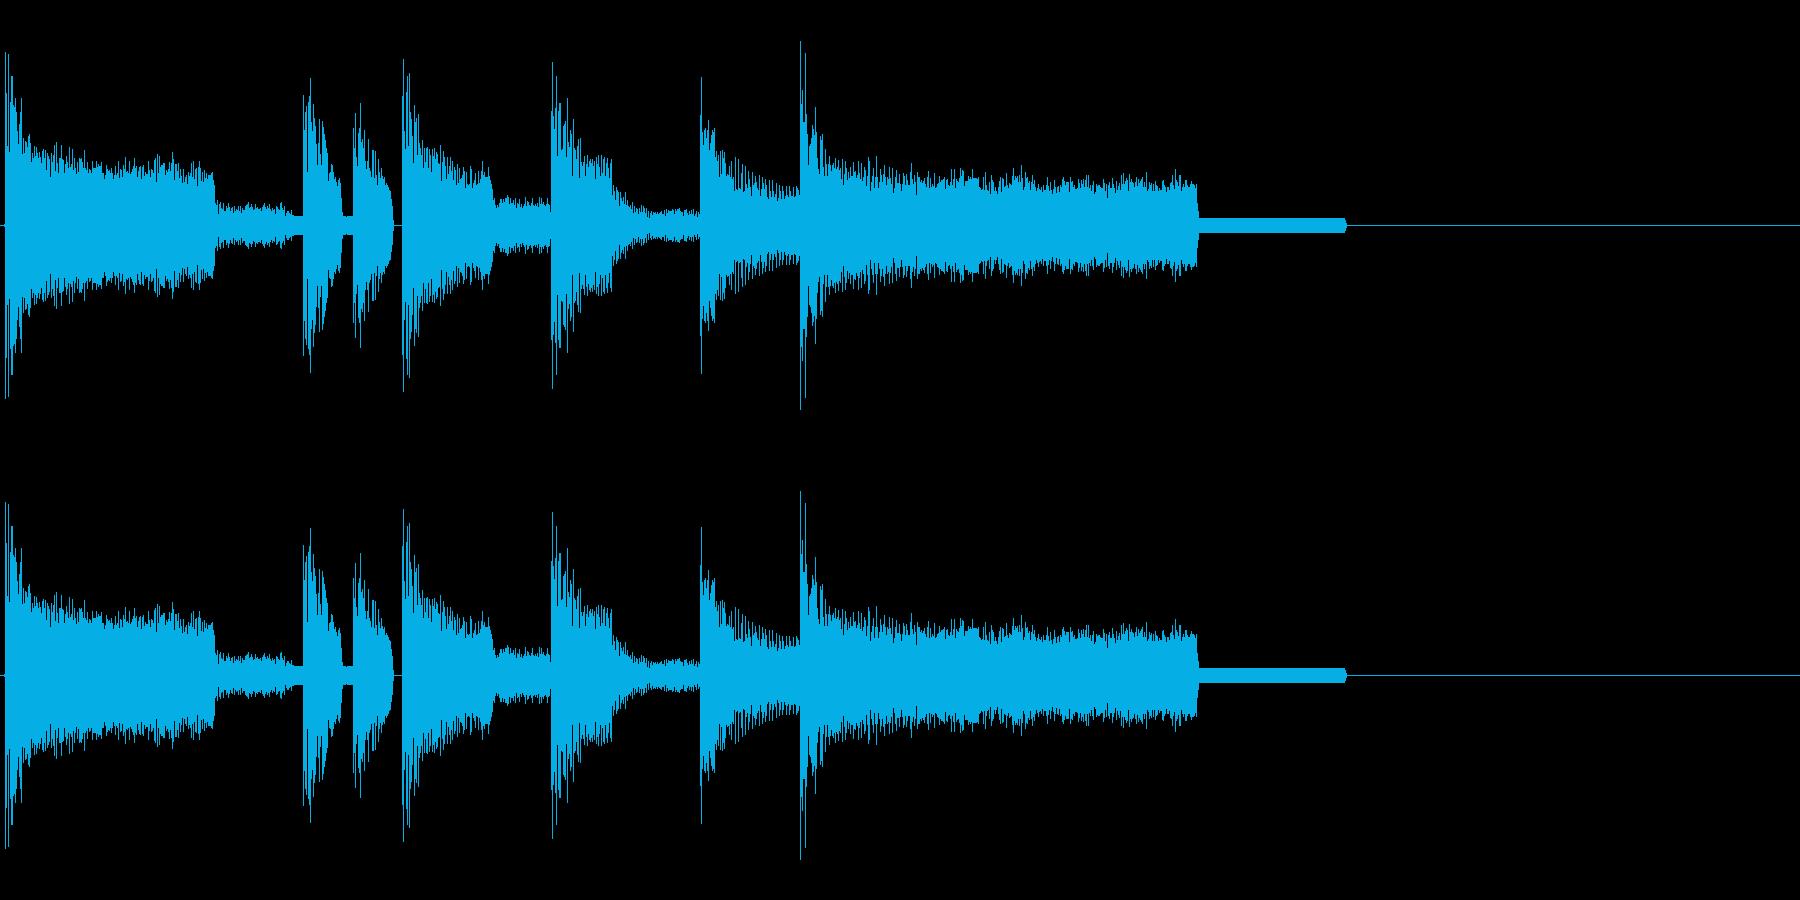 レトロゲーム風・ゲームオーバー#1の再生済みの波形